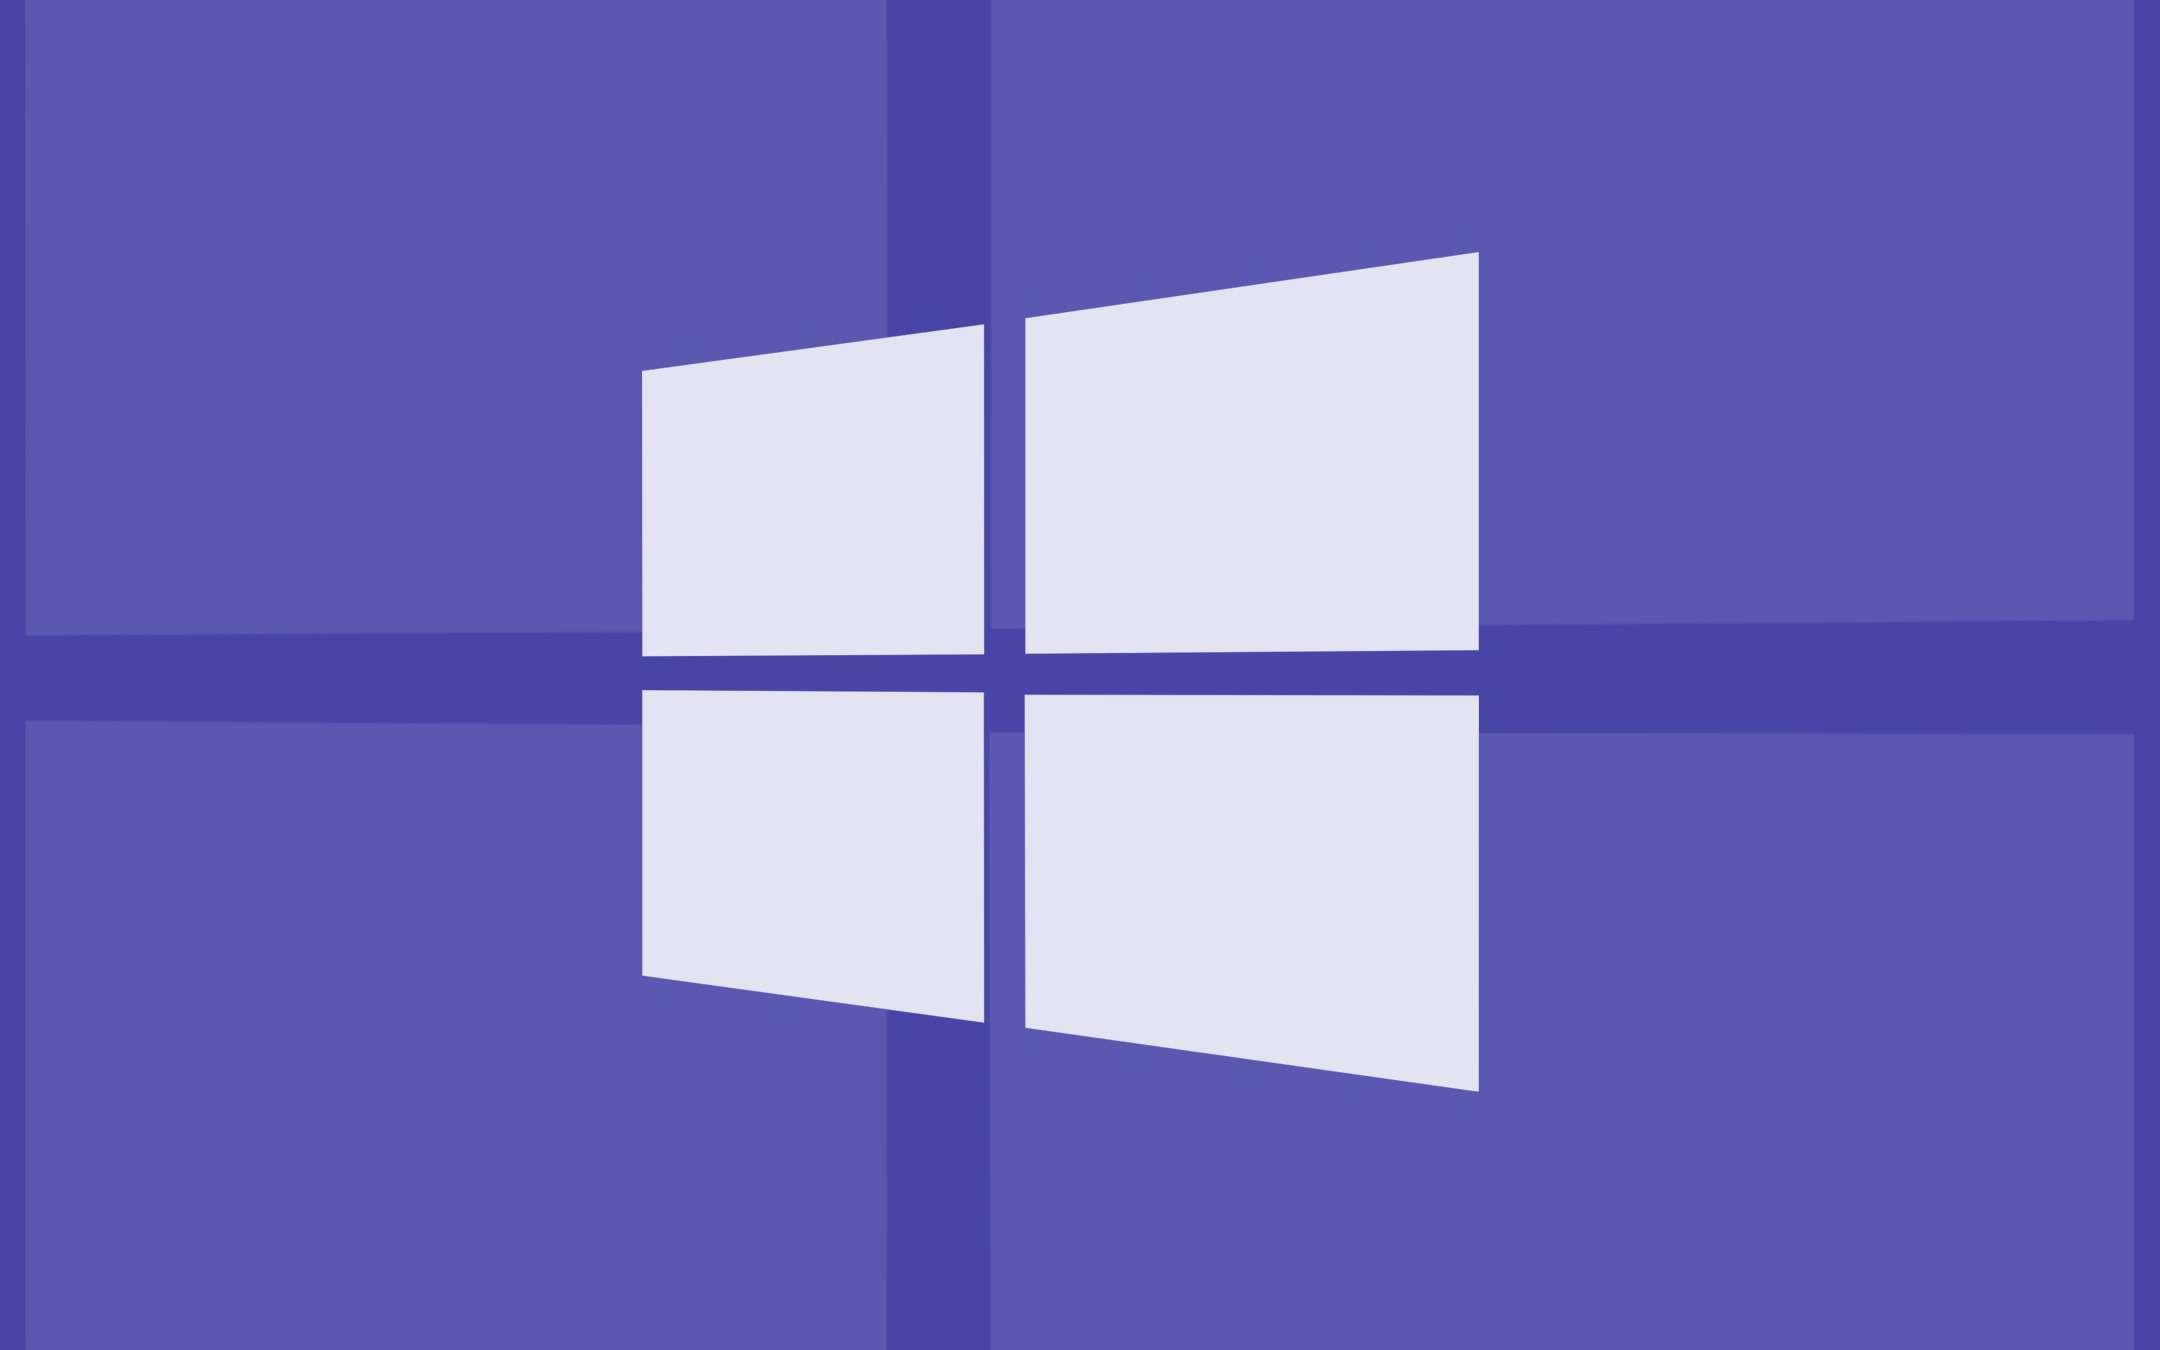 Le applicazioni Android su Windows 10 nel 2021?